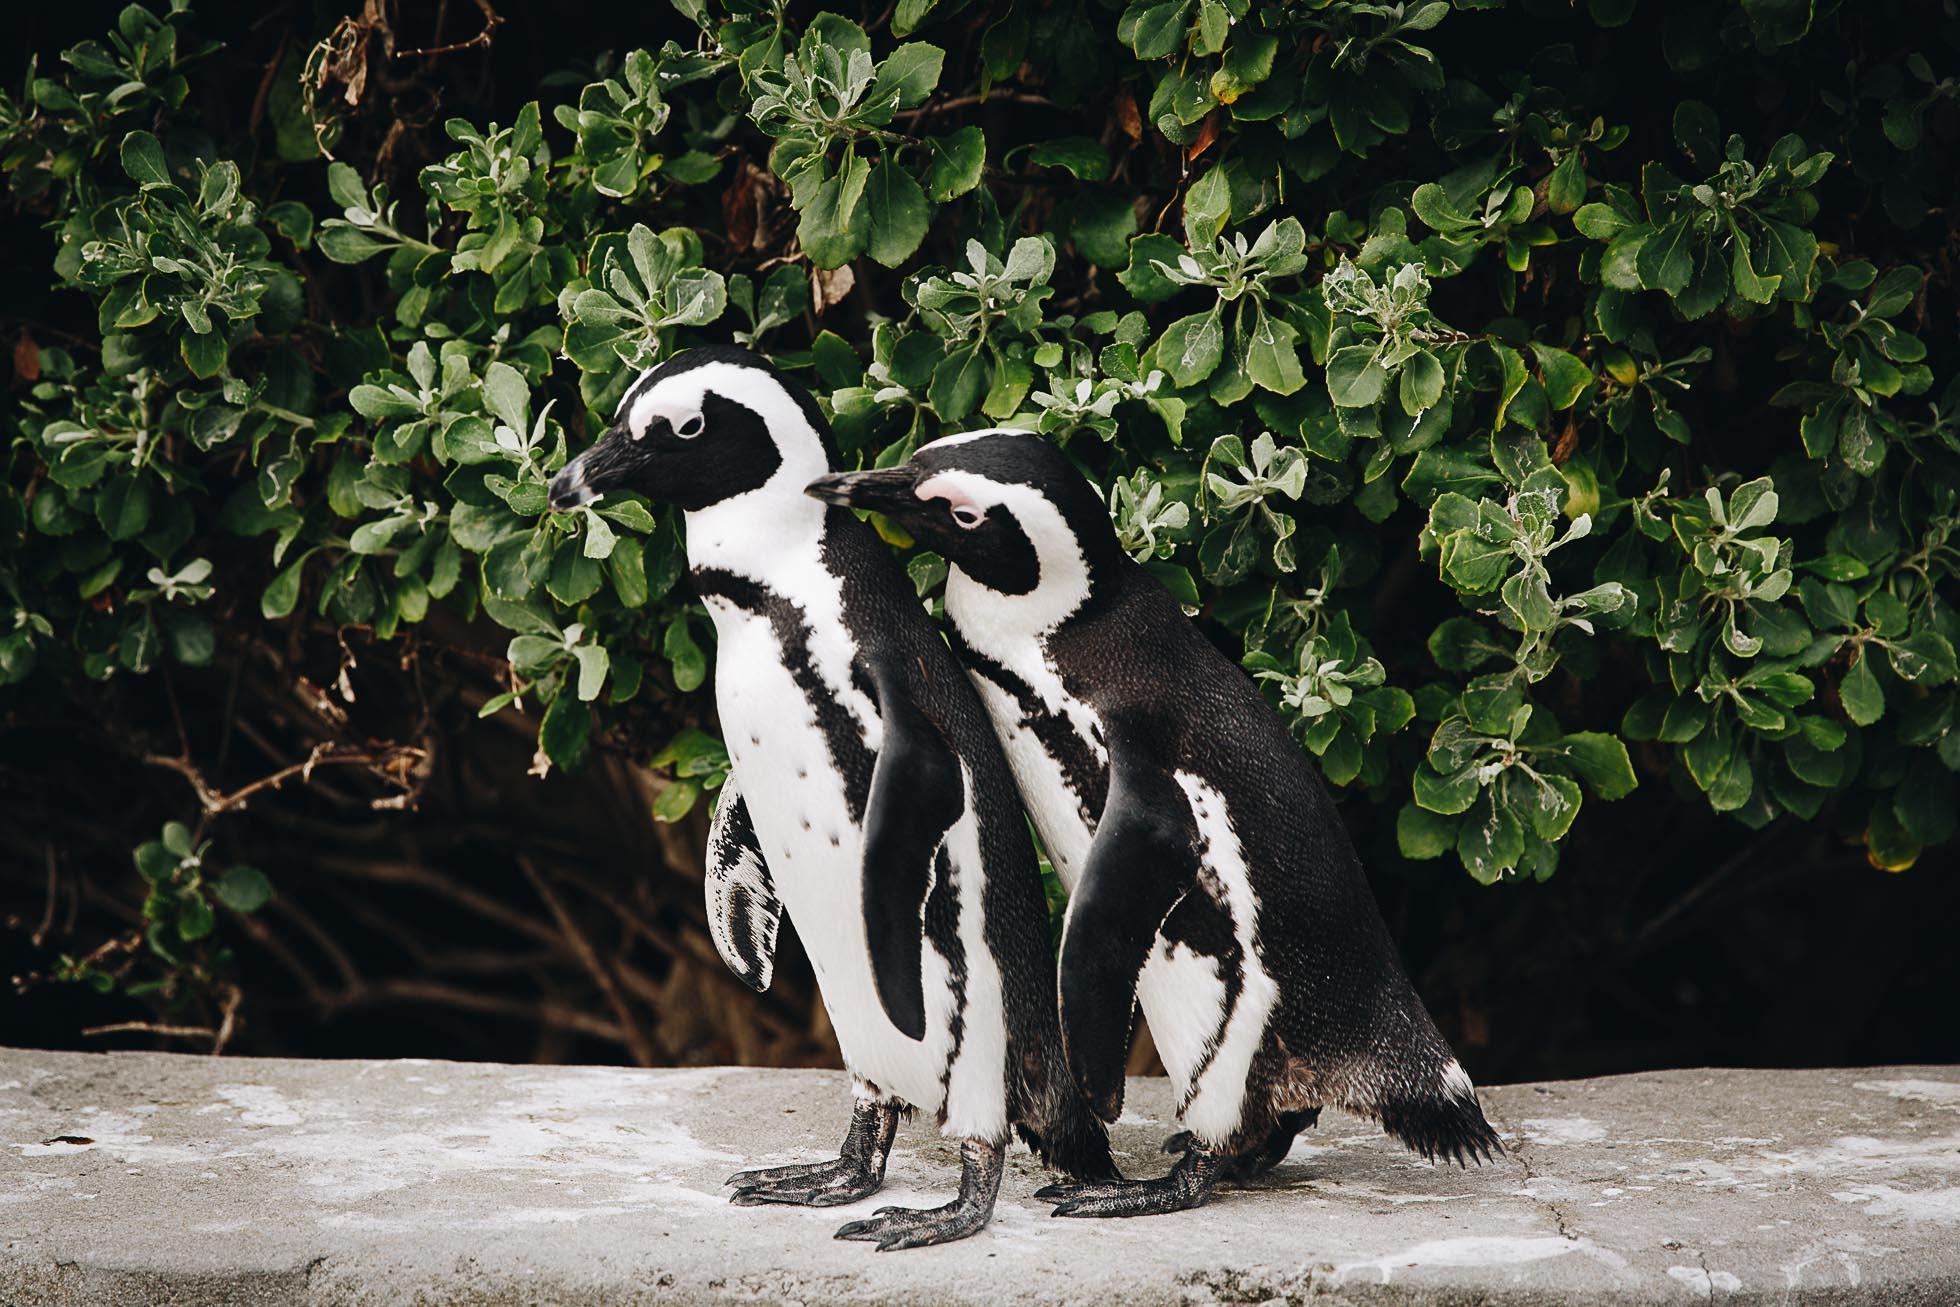 penguins snuggling in boulder rock South Africa